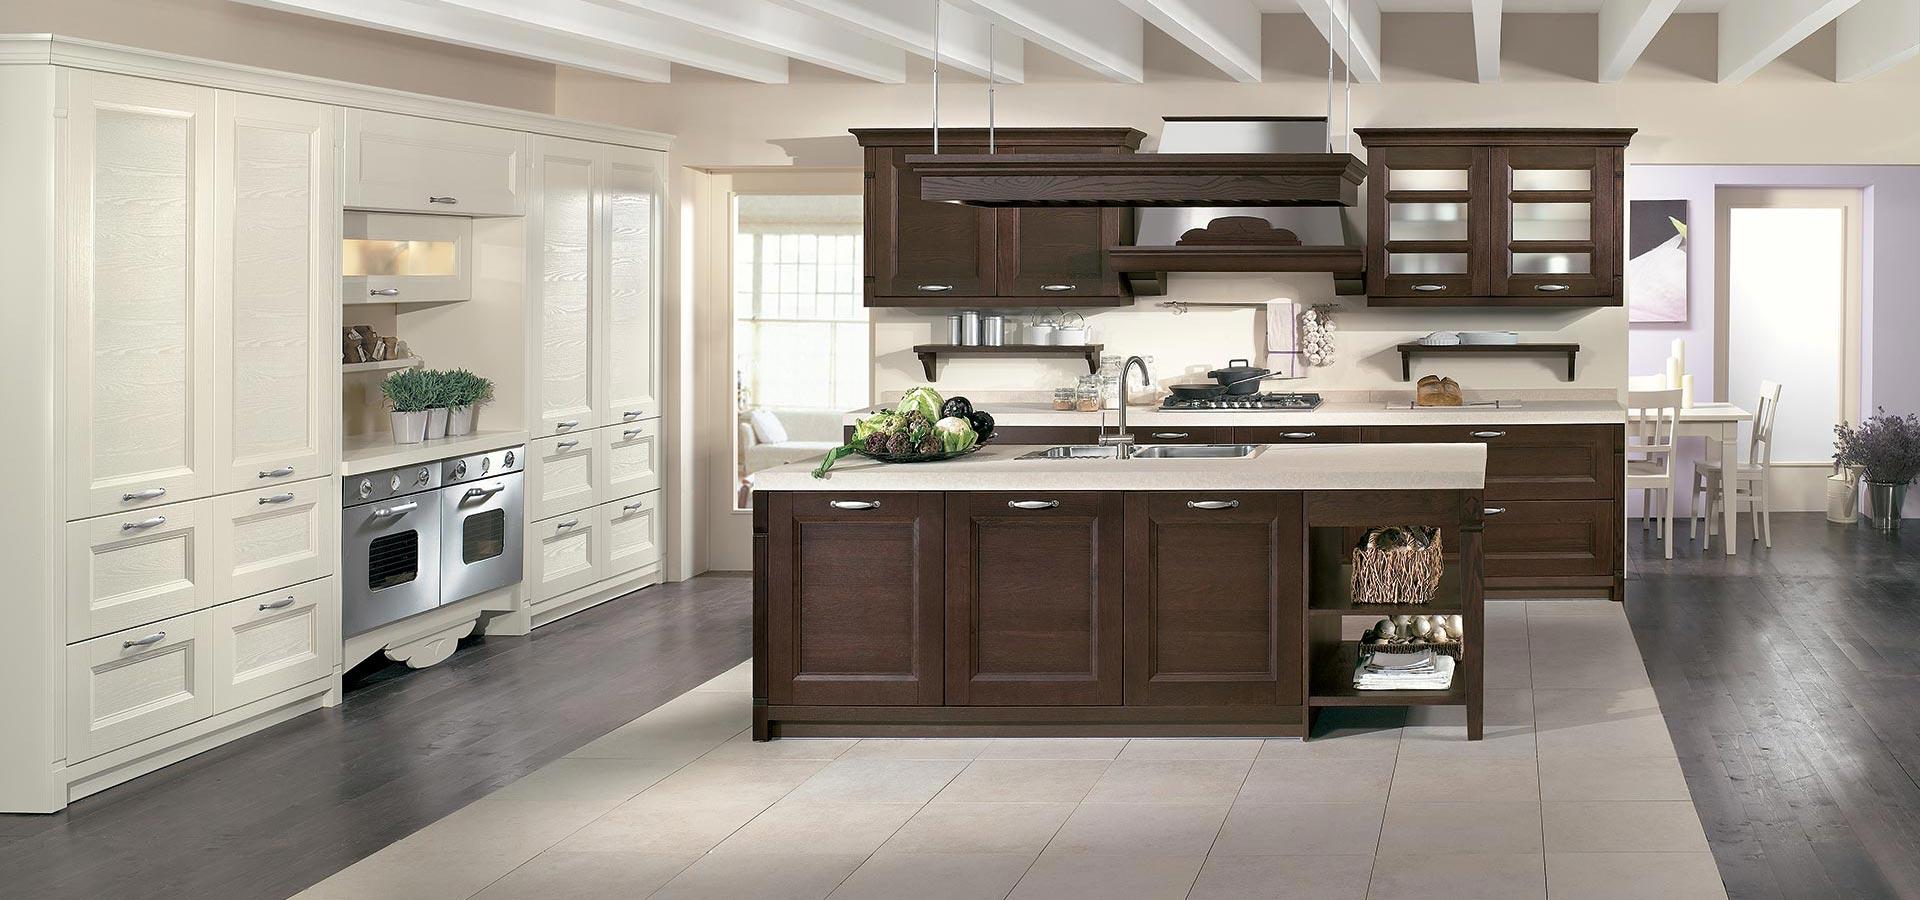 Gioiosa cucine classiche cucine componibili design for Cucine classiche arredo 3